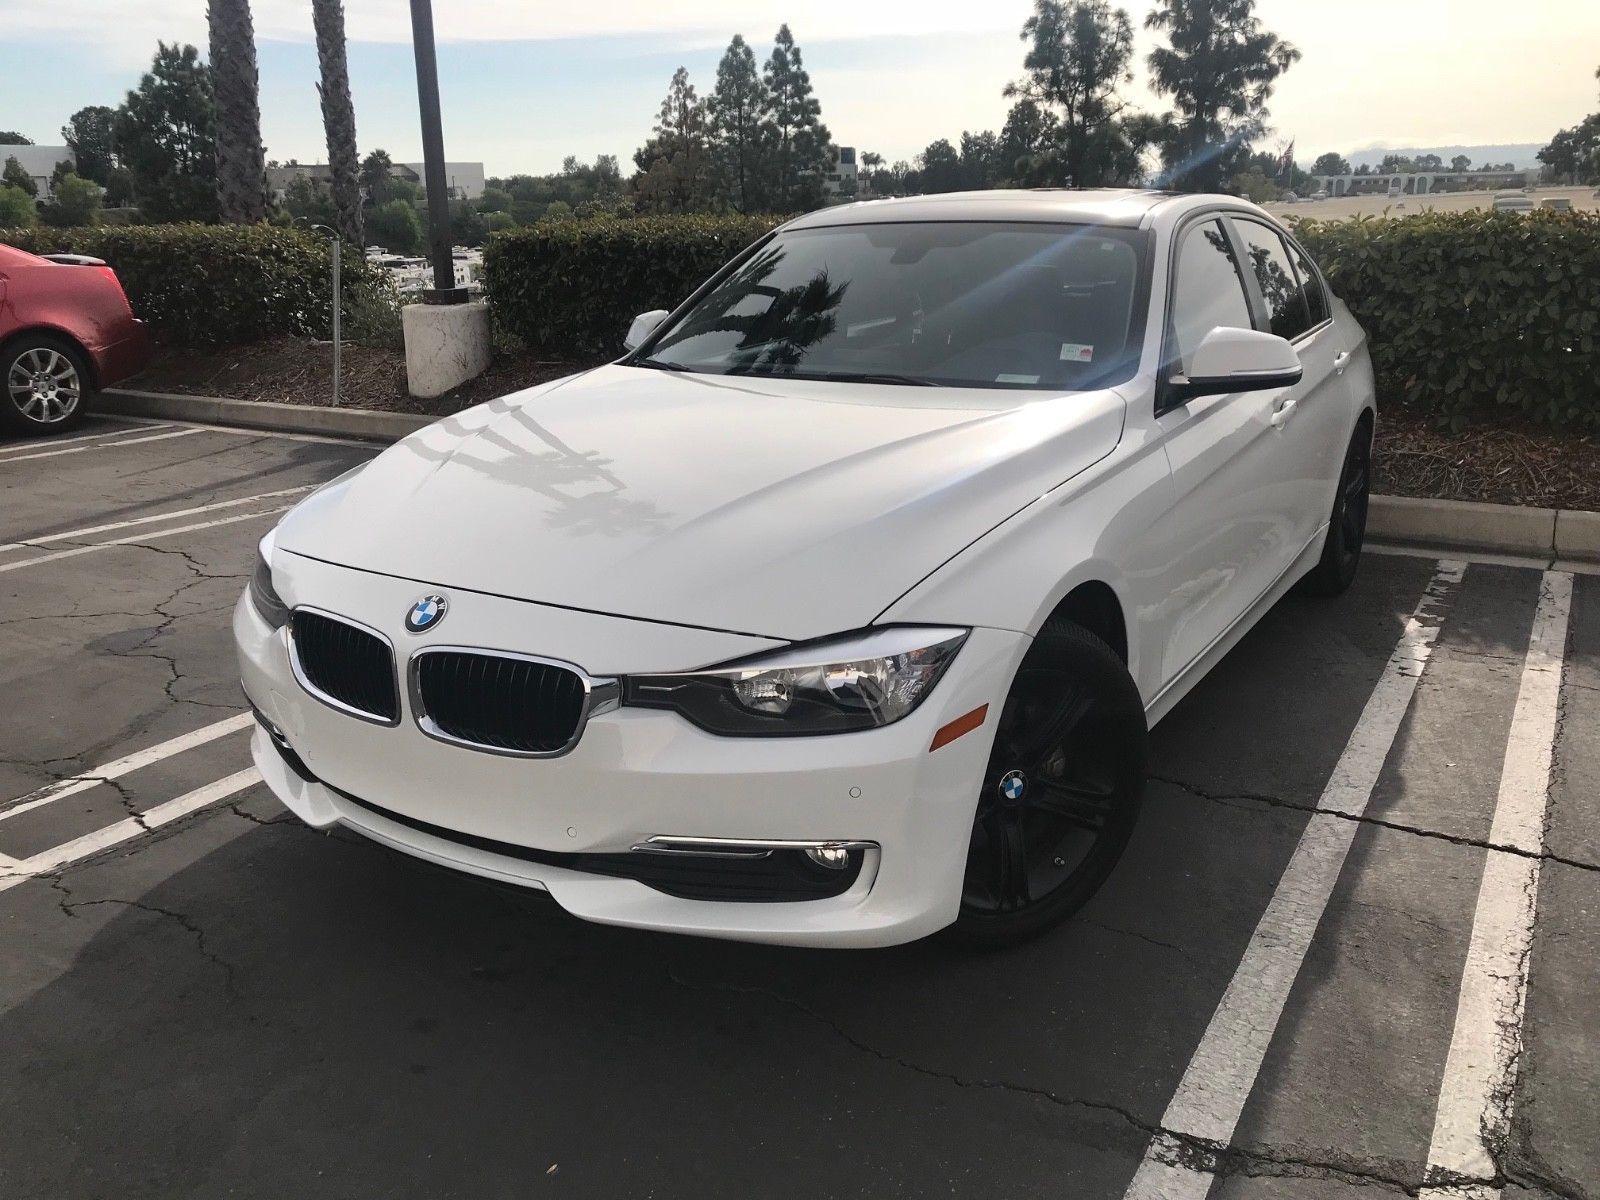 nice awesome 2015 bmw 3 series 2015 320i white bmw 2017 2018 cars 2014 BMW 320I Colors nice awesome 2015 bmw 3 series 2015 320i white bmw 2017 2018